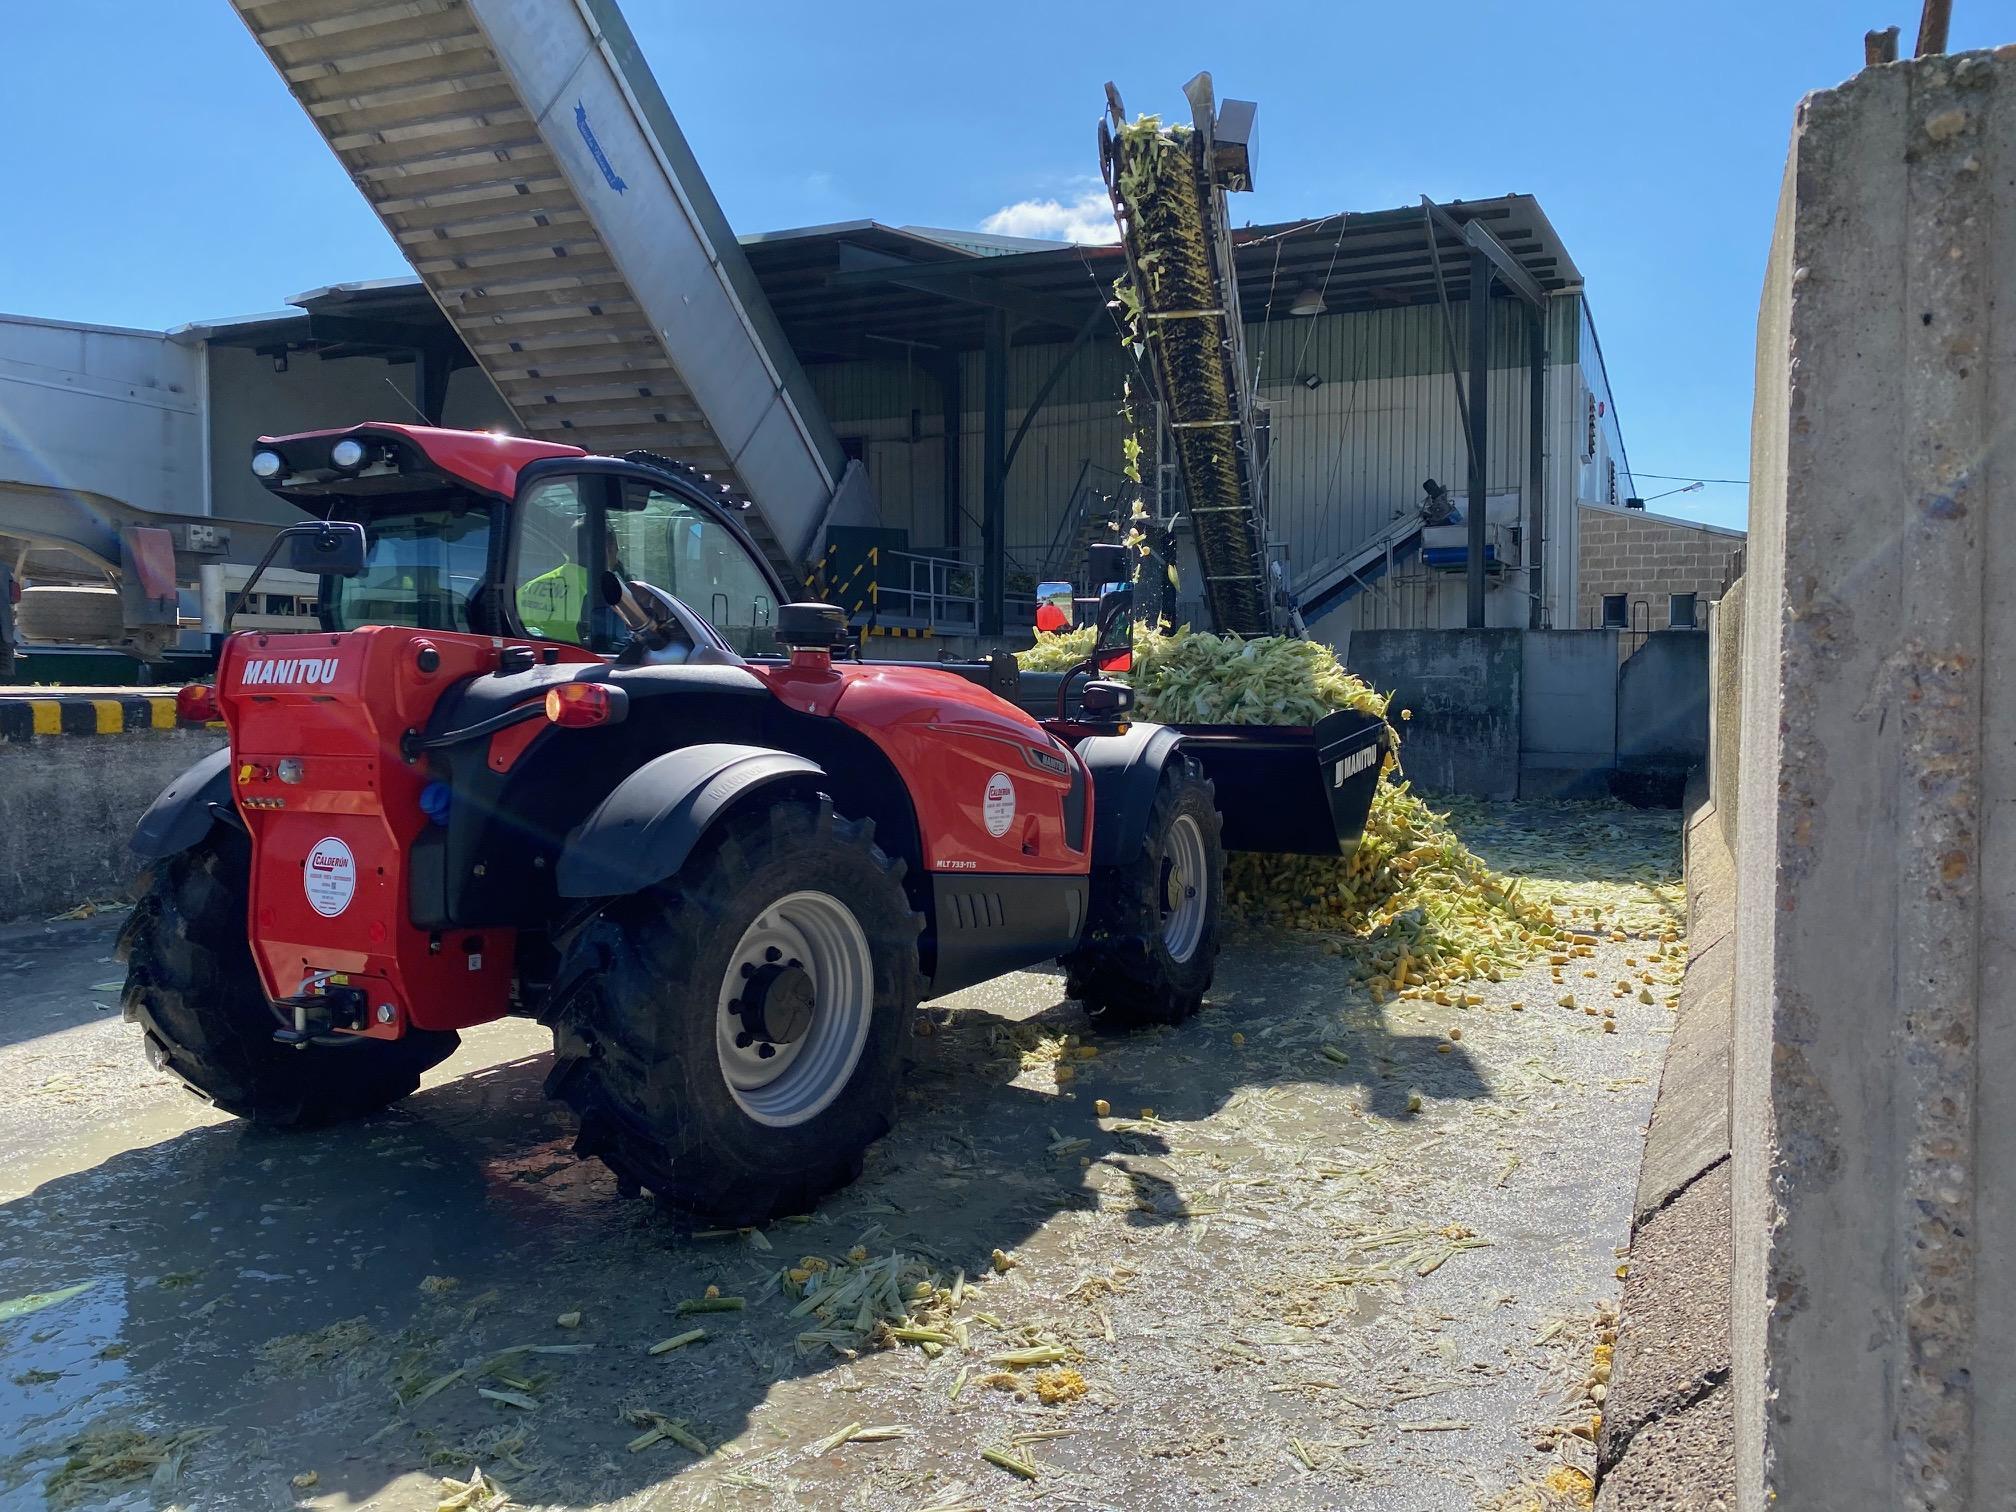 Entrega de una nueva Manitou MLT 733-115 LSU en Segovia a AGREX Alimentación Animal